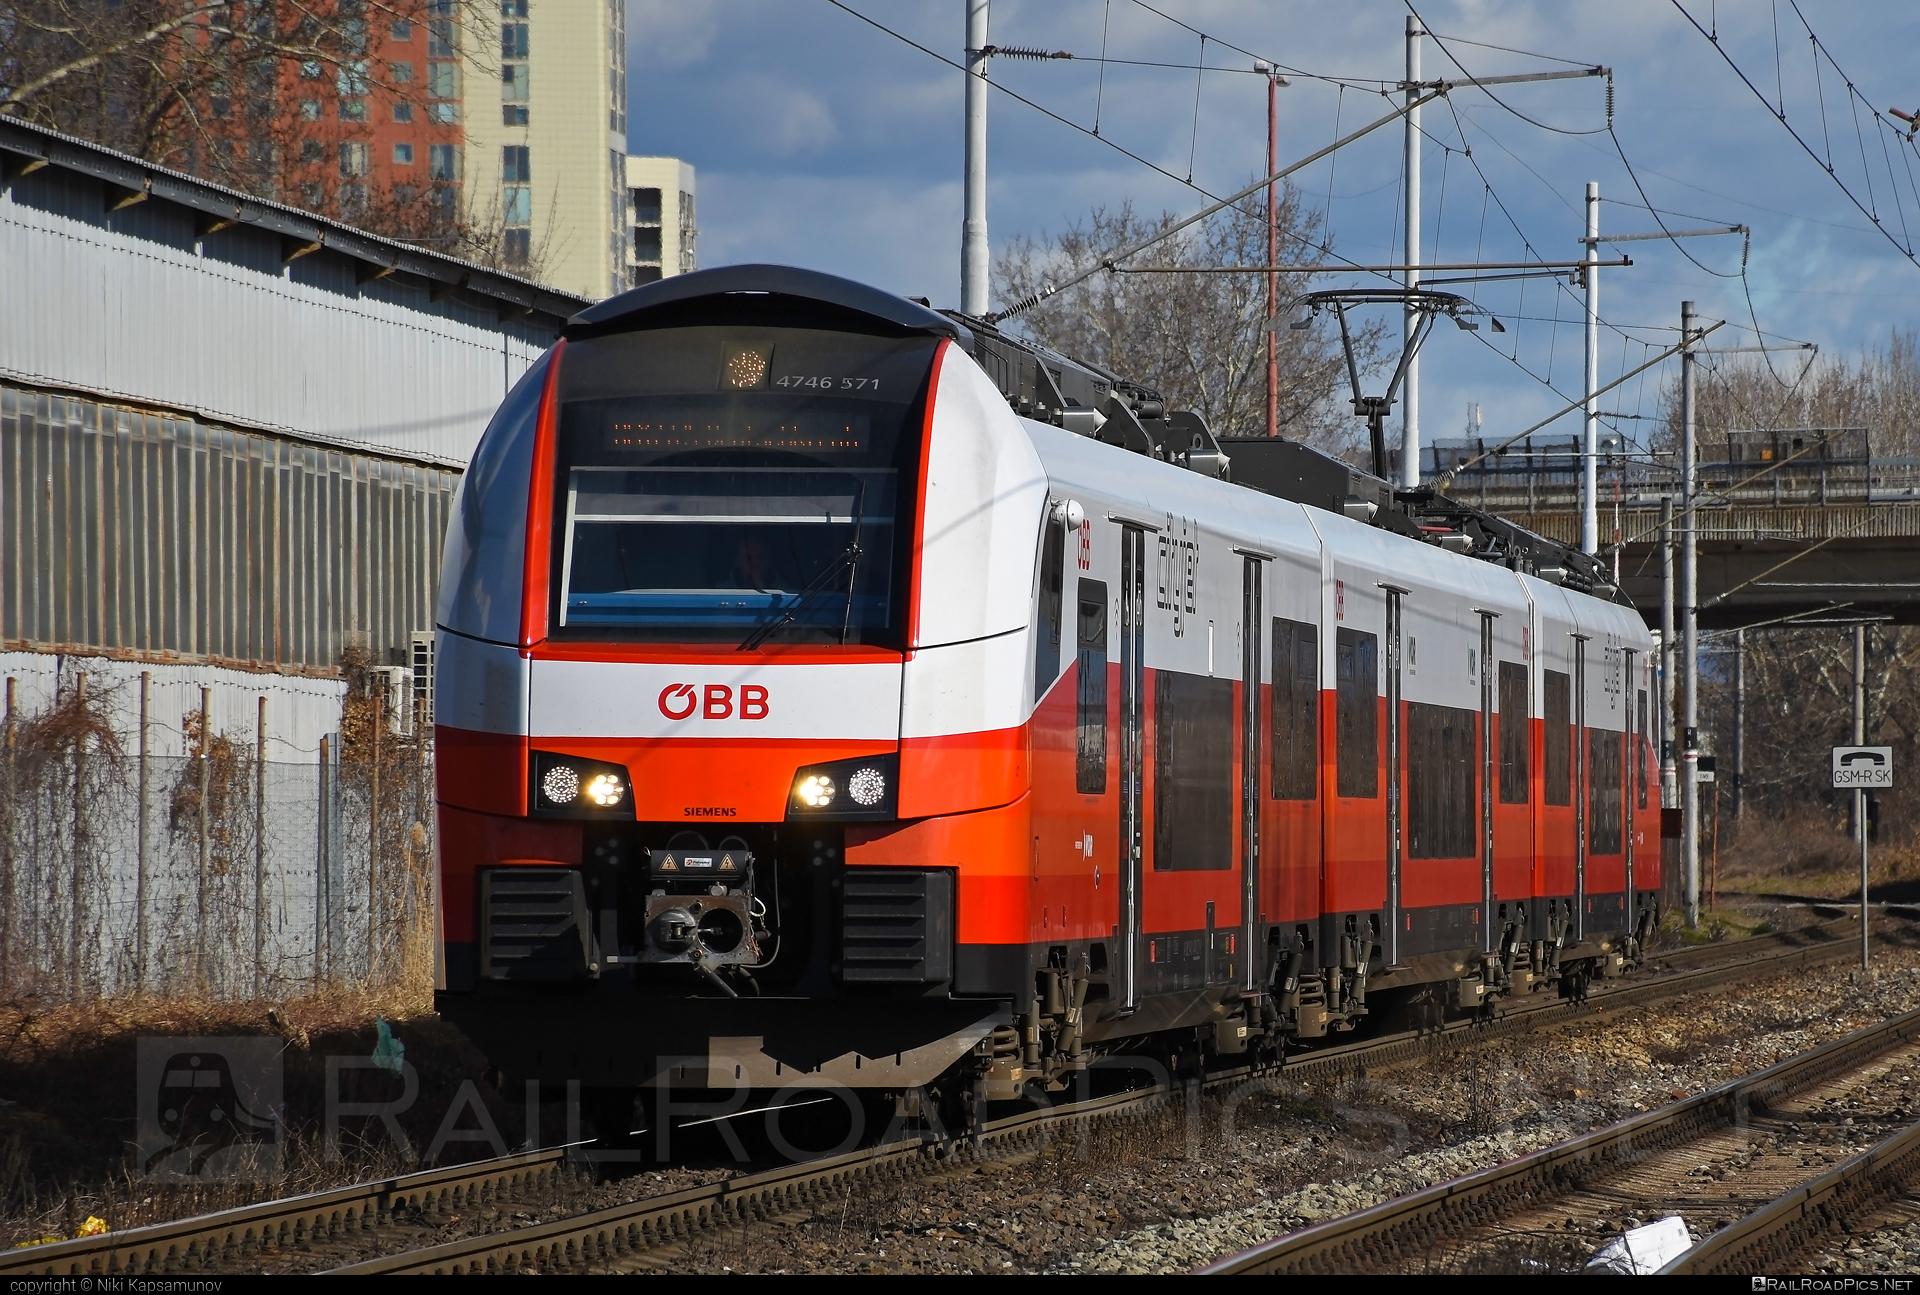 Siemens Desiro ML - 4746 571 operated by Österreichische Bundesbahnen #cityjet #desiro #desiroml #obb #obbcityjet #osterreichischebundesbahnen #siemens #siemensdesiro #siemensdesiroml